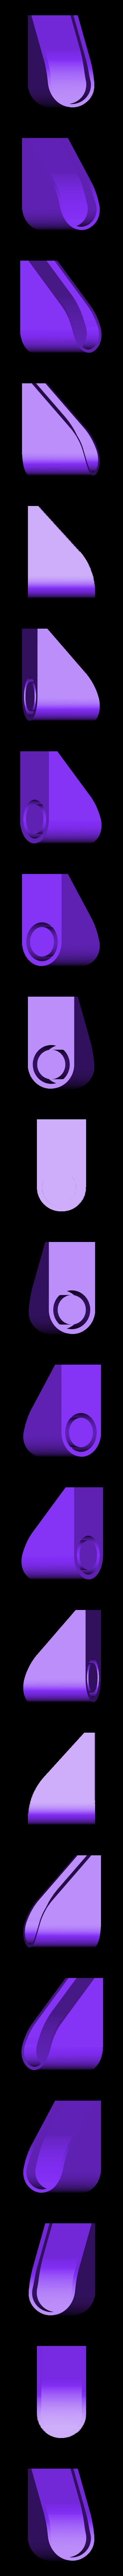 Ramp.stl Télécharger fichier STL gratuit Jeu de bowling miniature • Objet pour imprimante 3D, JonathanK1906